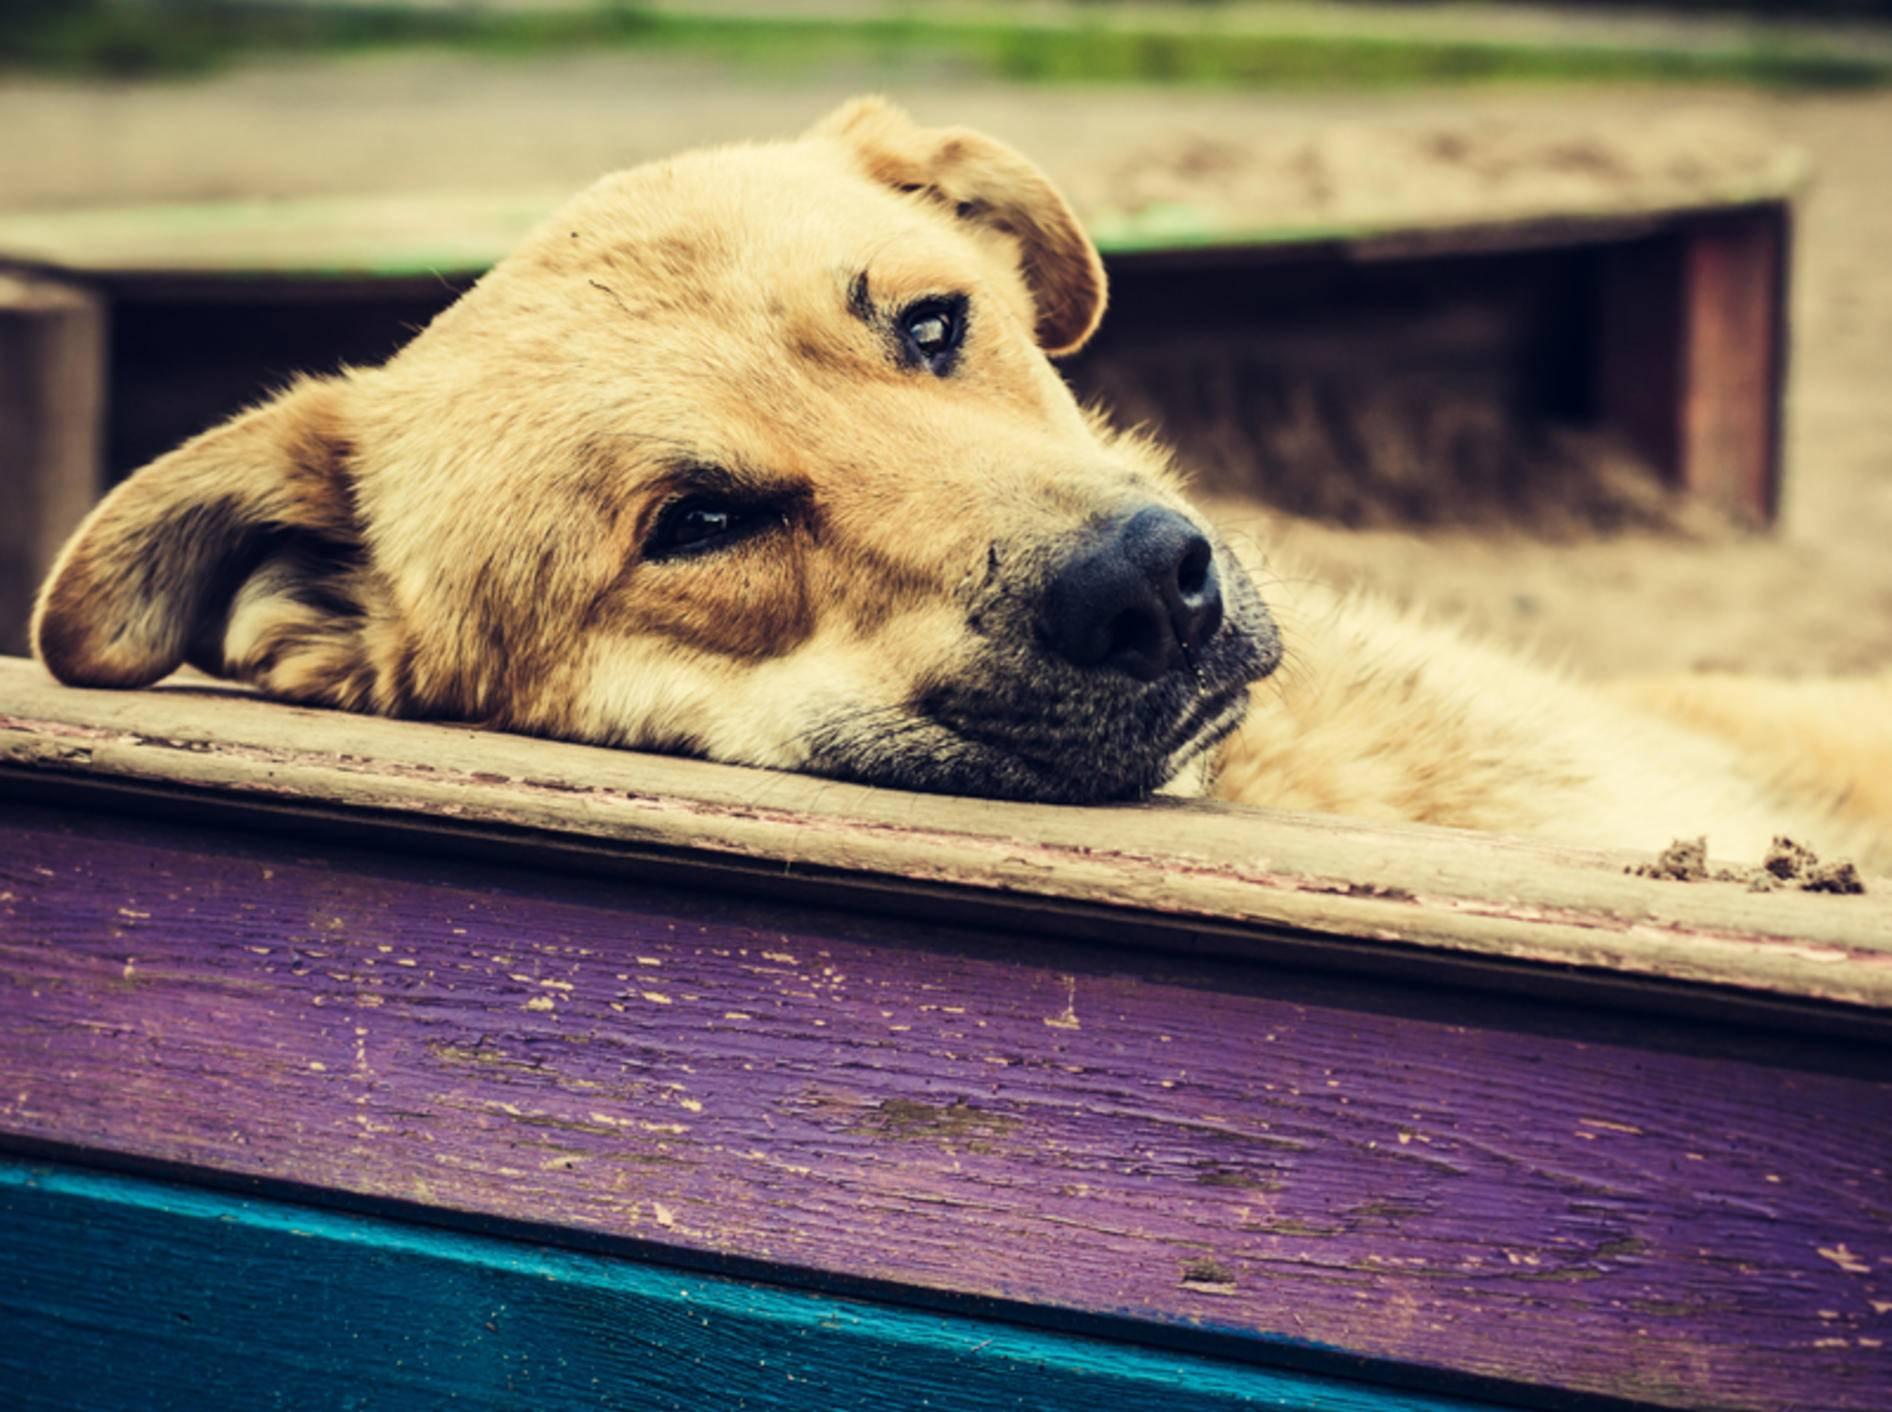 Im Alter braucht der Hund viel Ruhe und regelmäßige Untersuchungen – Bild: Shutterstock / Khamidulin Sergey